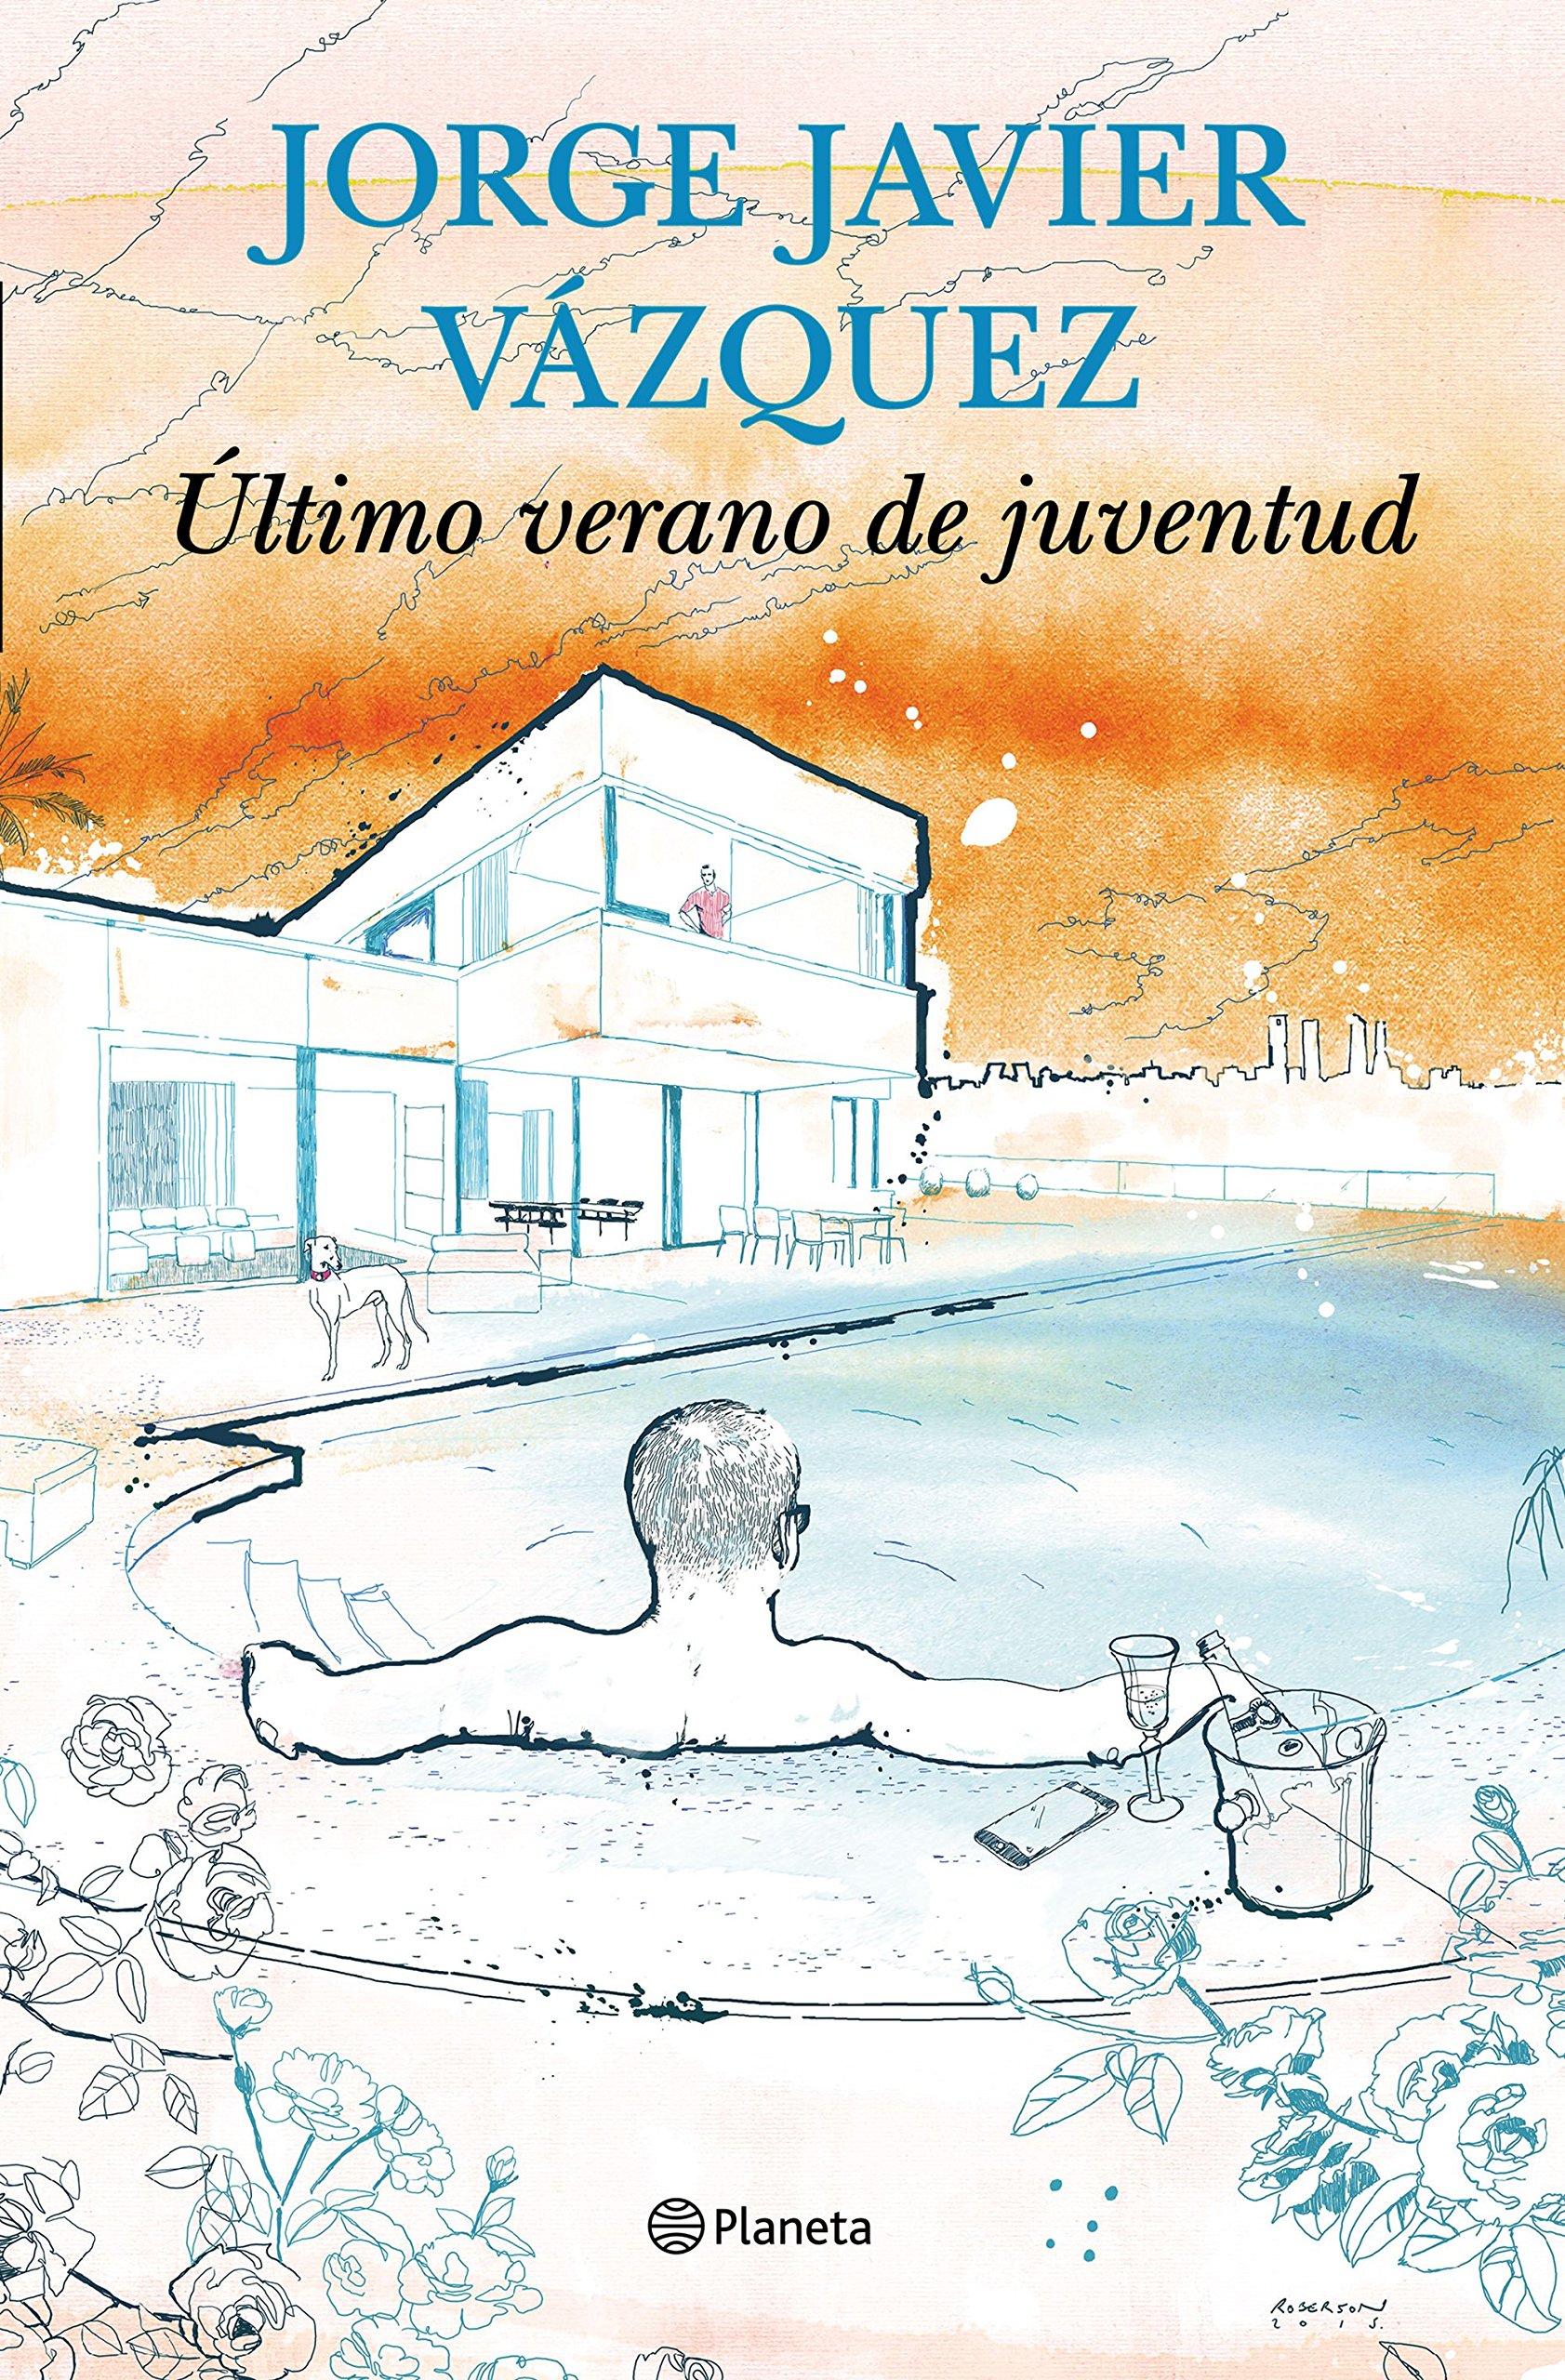 Último verano de juventud Autores Españoles E Iberoameric.: Amazon.es: Jorge Javier Vázquez: Libros